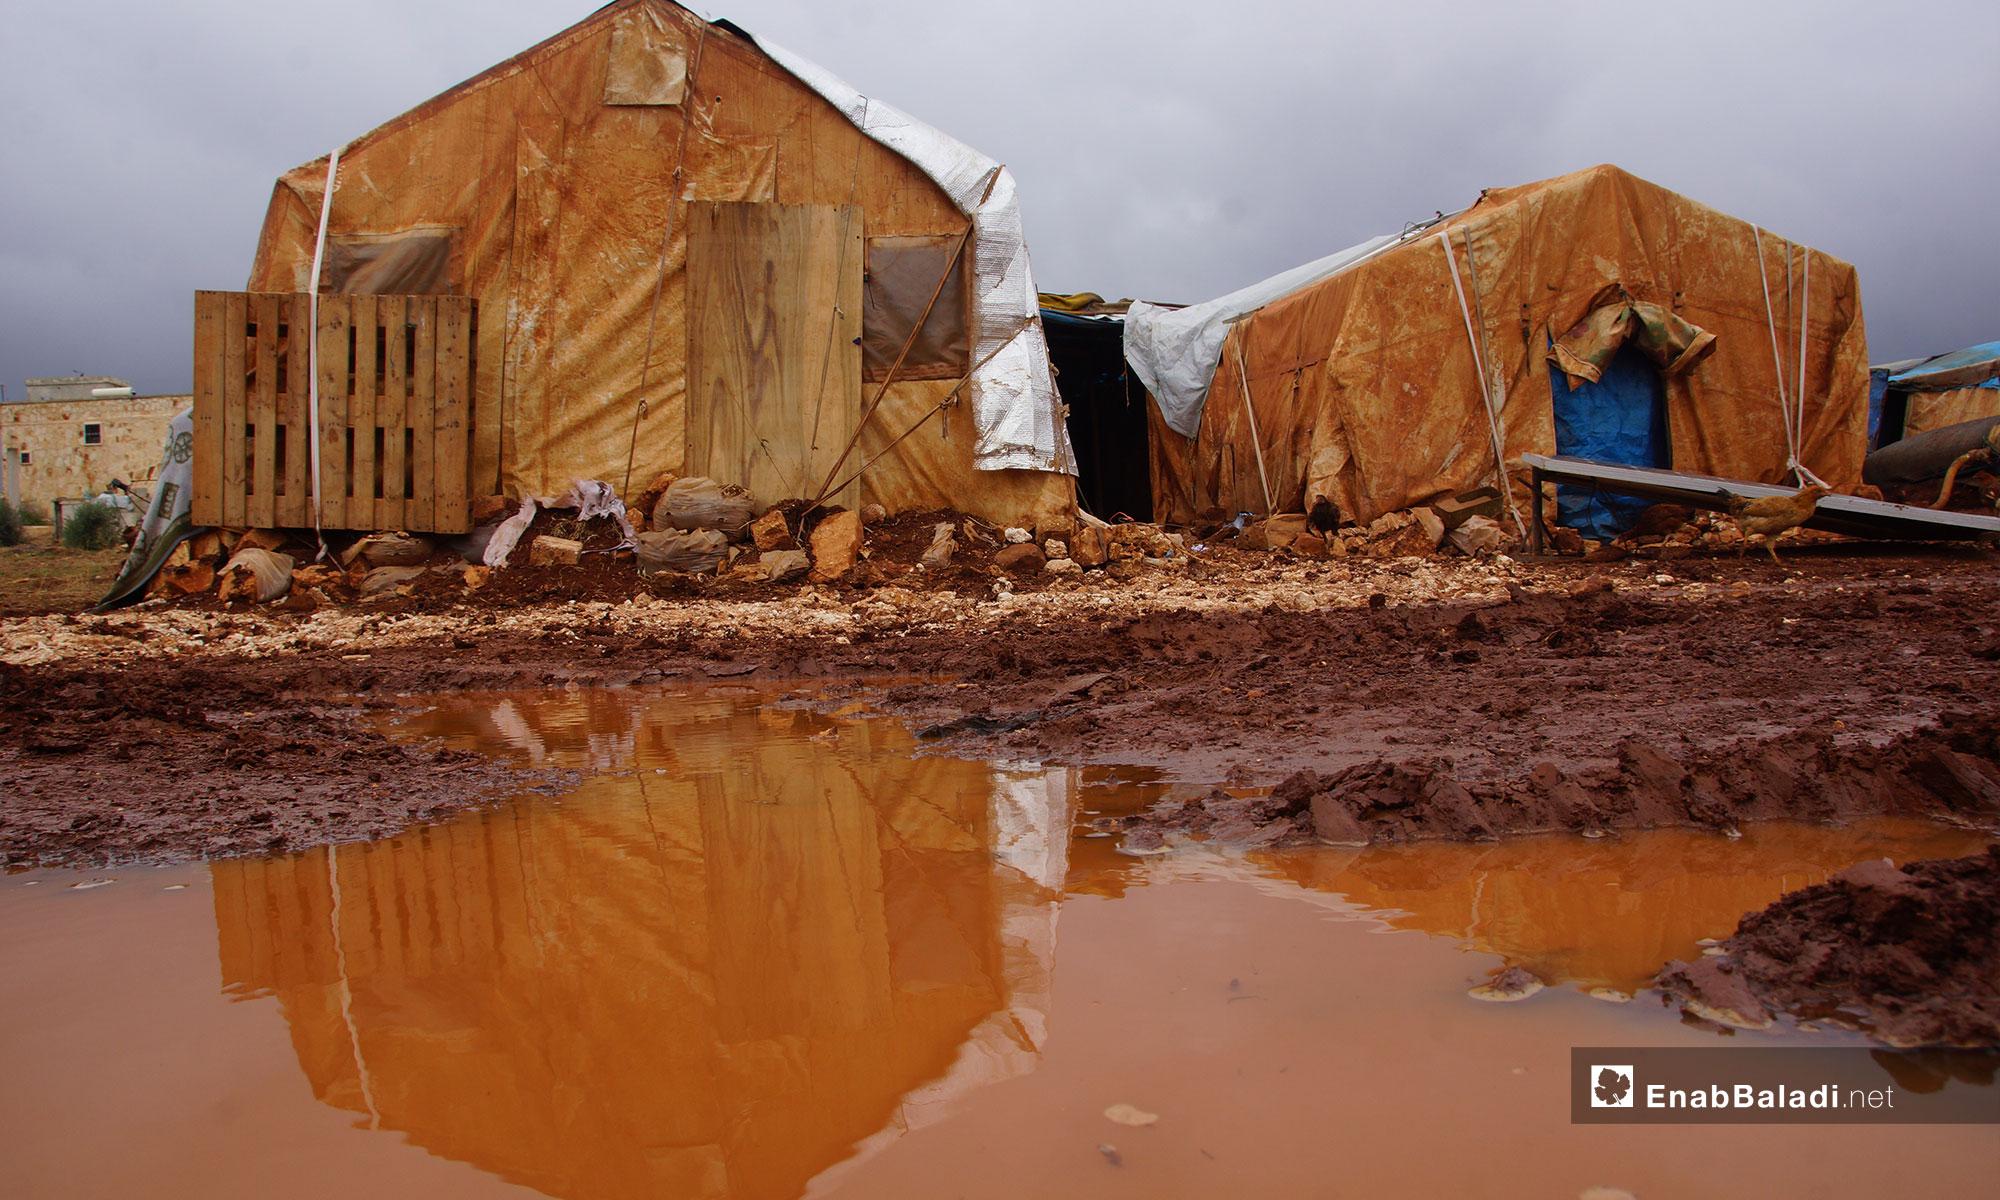 The suffering of rural Hama's people at the Abu al-Walid camp – November5, 2018 (Enab Baladi)